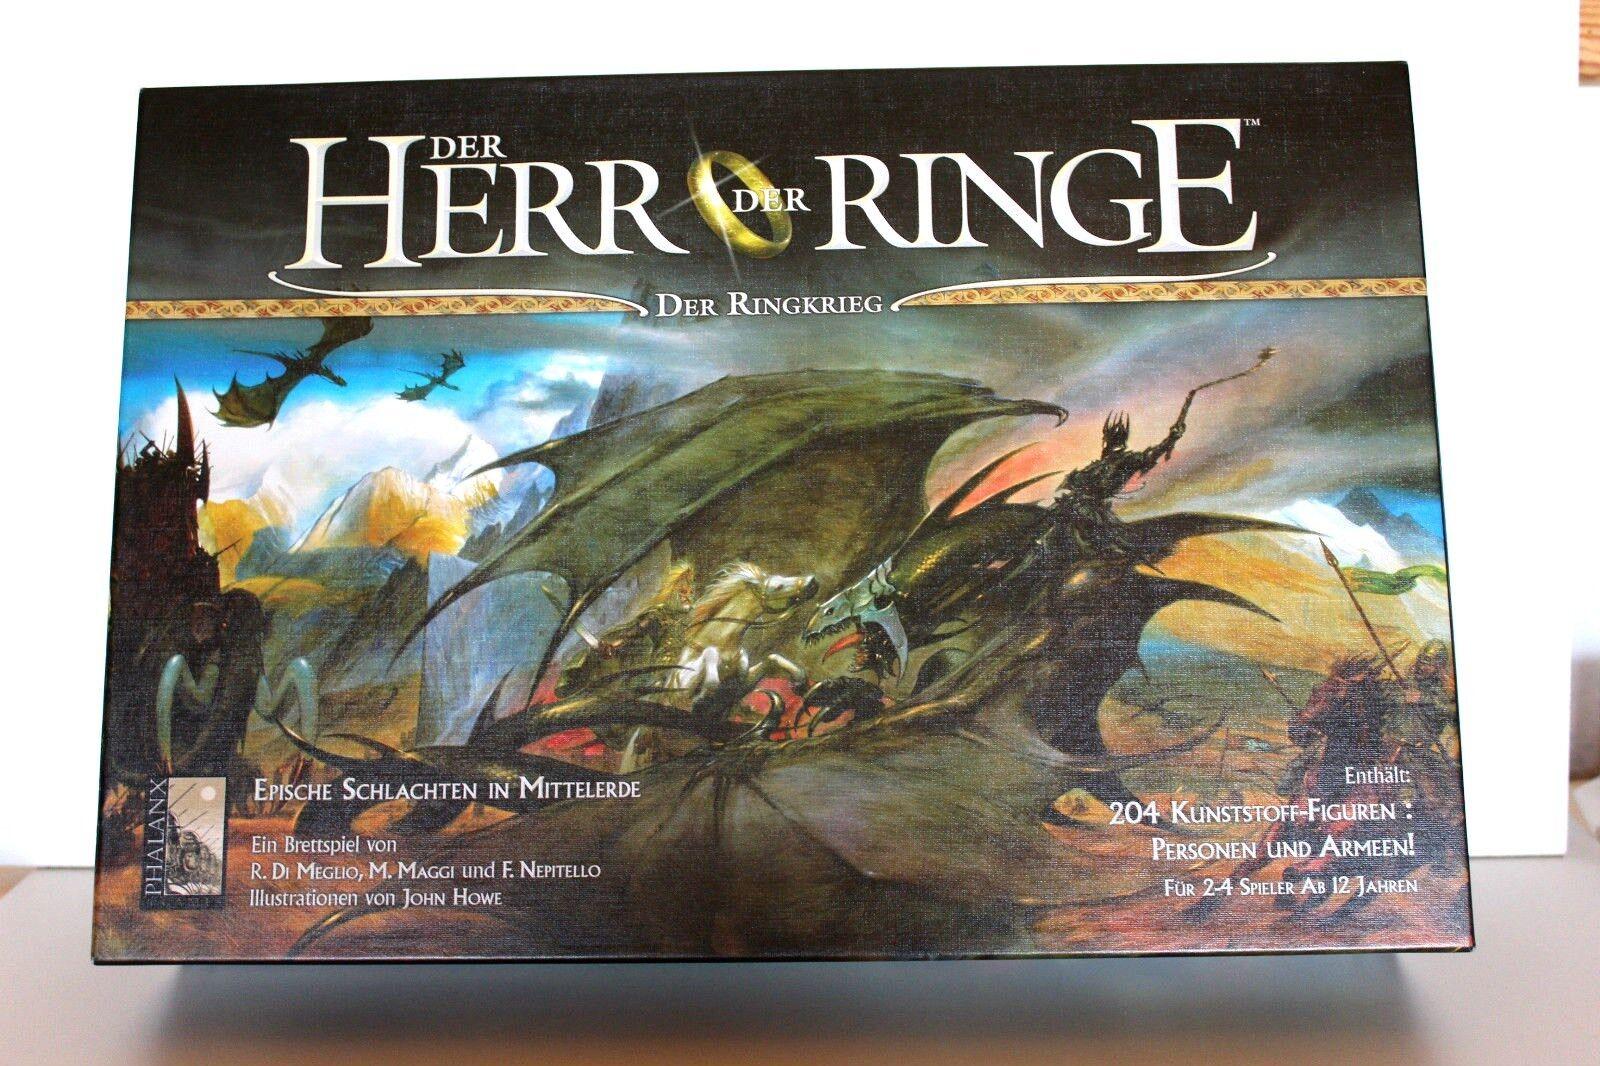 Brettspiel Der Herr der Ringe Ringe Ringe Der Ringkrieg Phalanx von 2004 ff4e2e